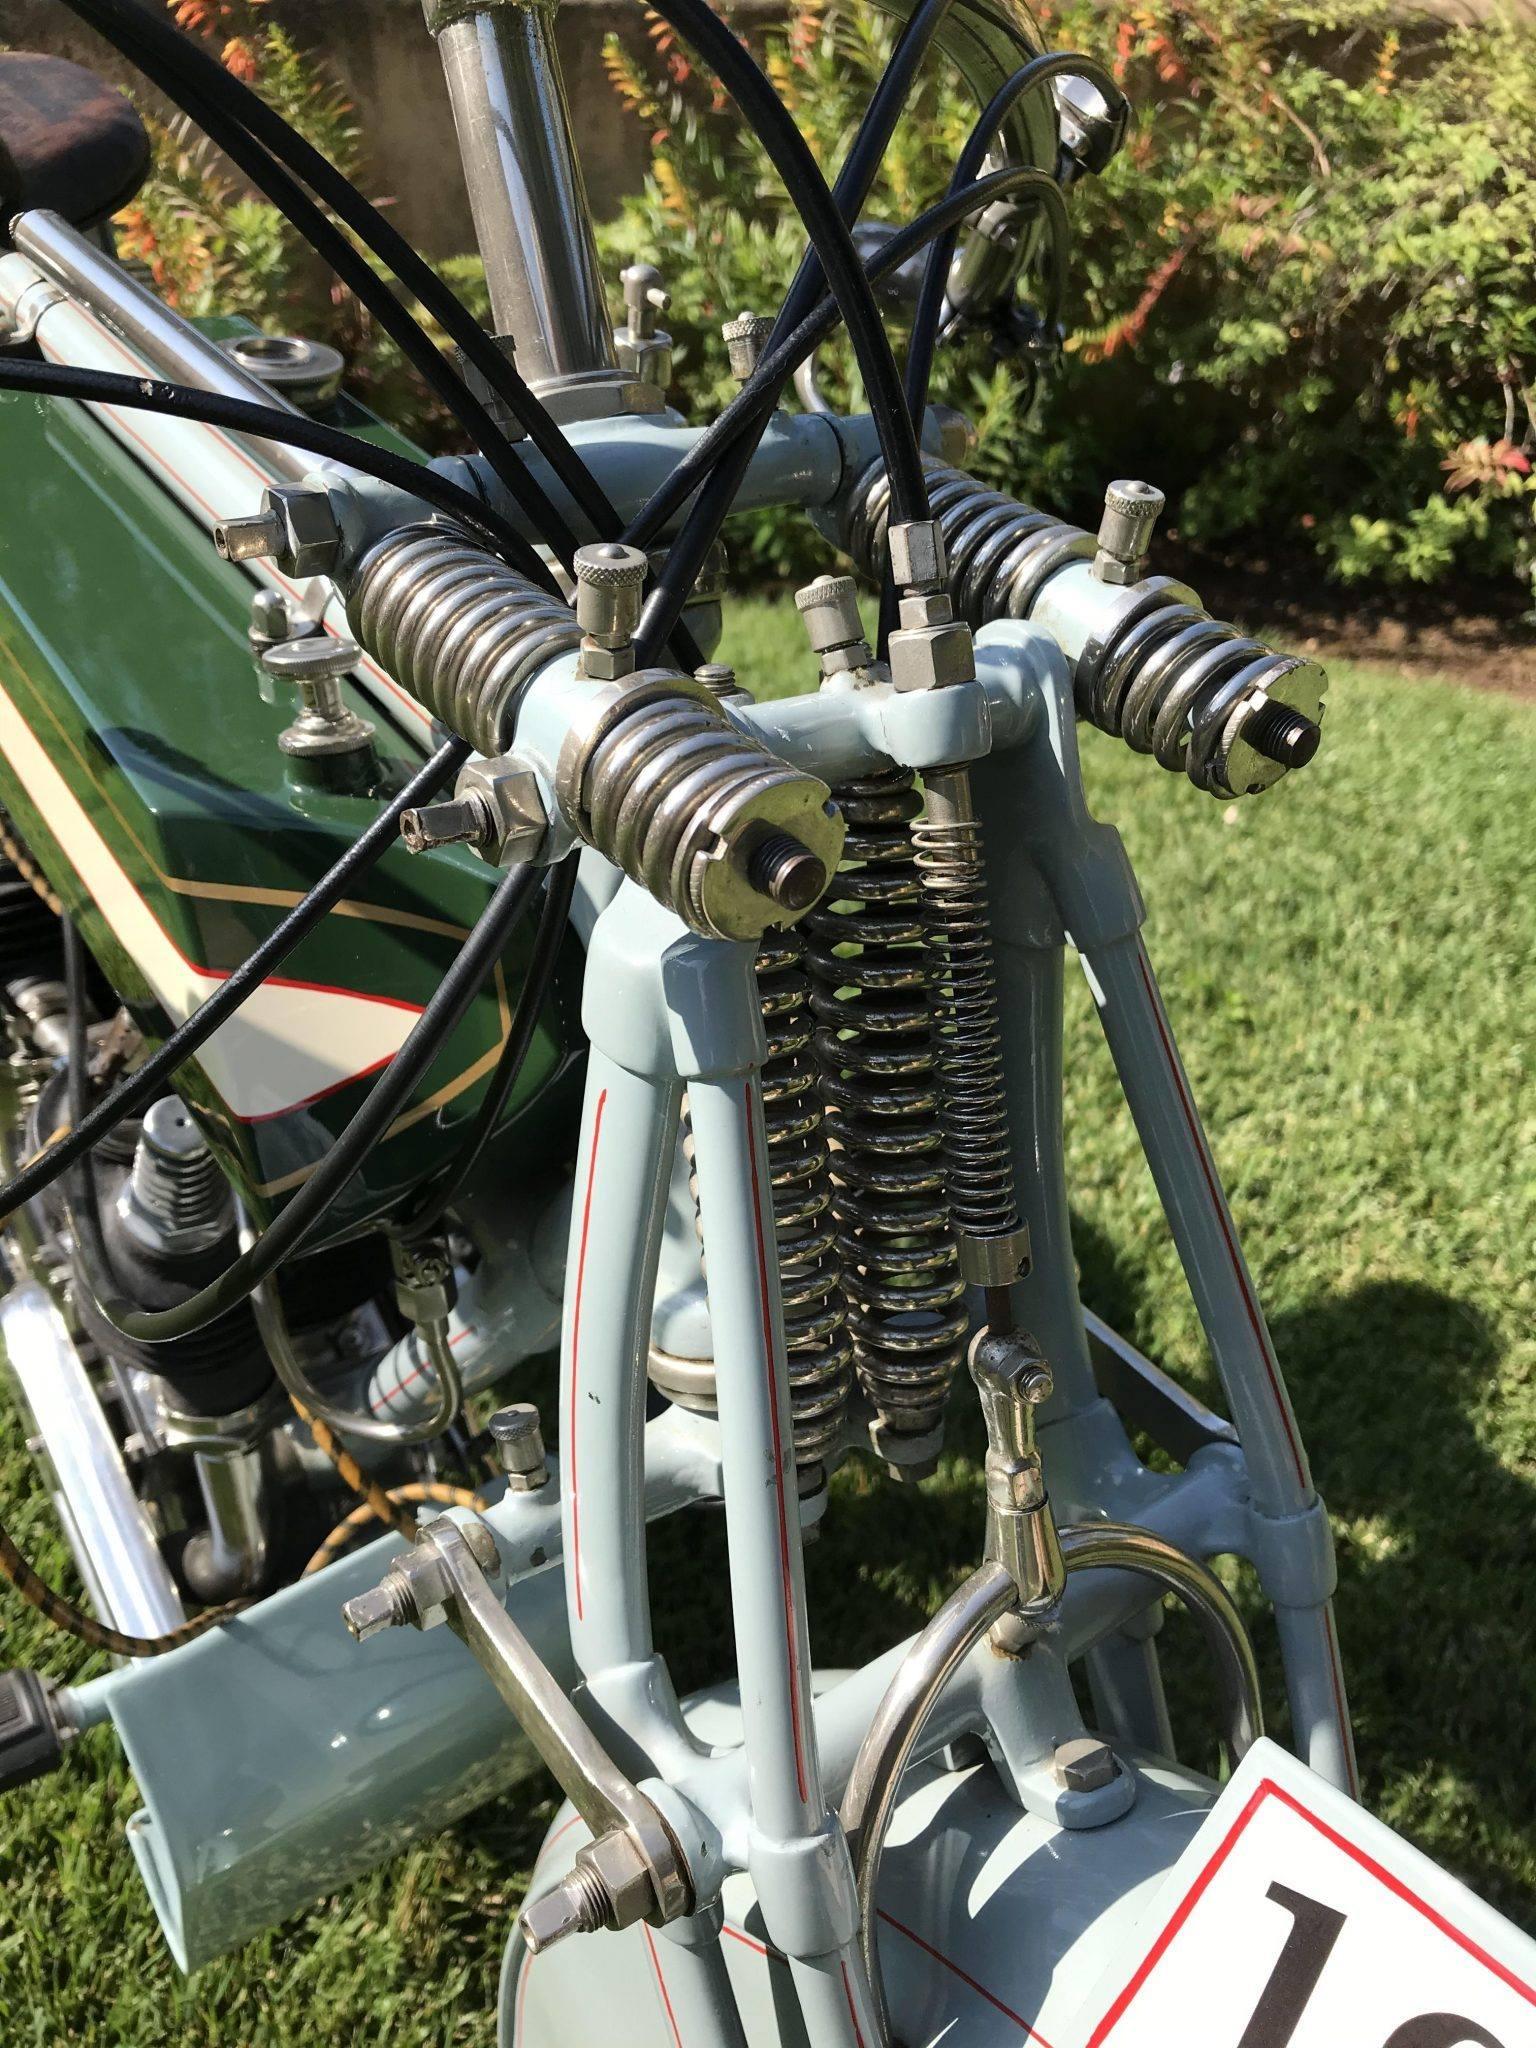 Rex-Jap-1913-aangepast-voor-racing-680-CC-V-twin-(5)